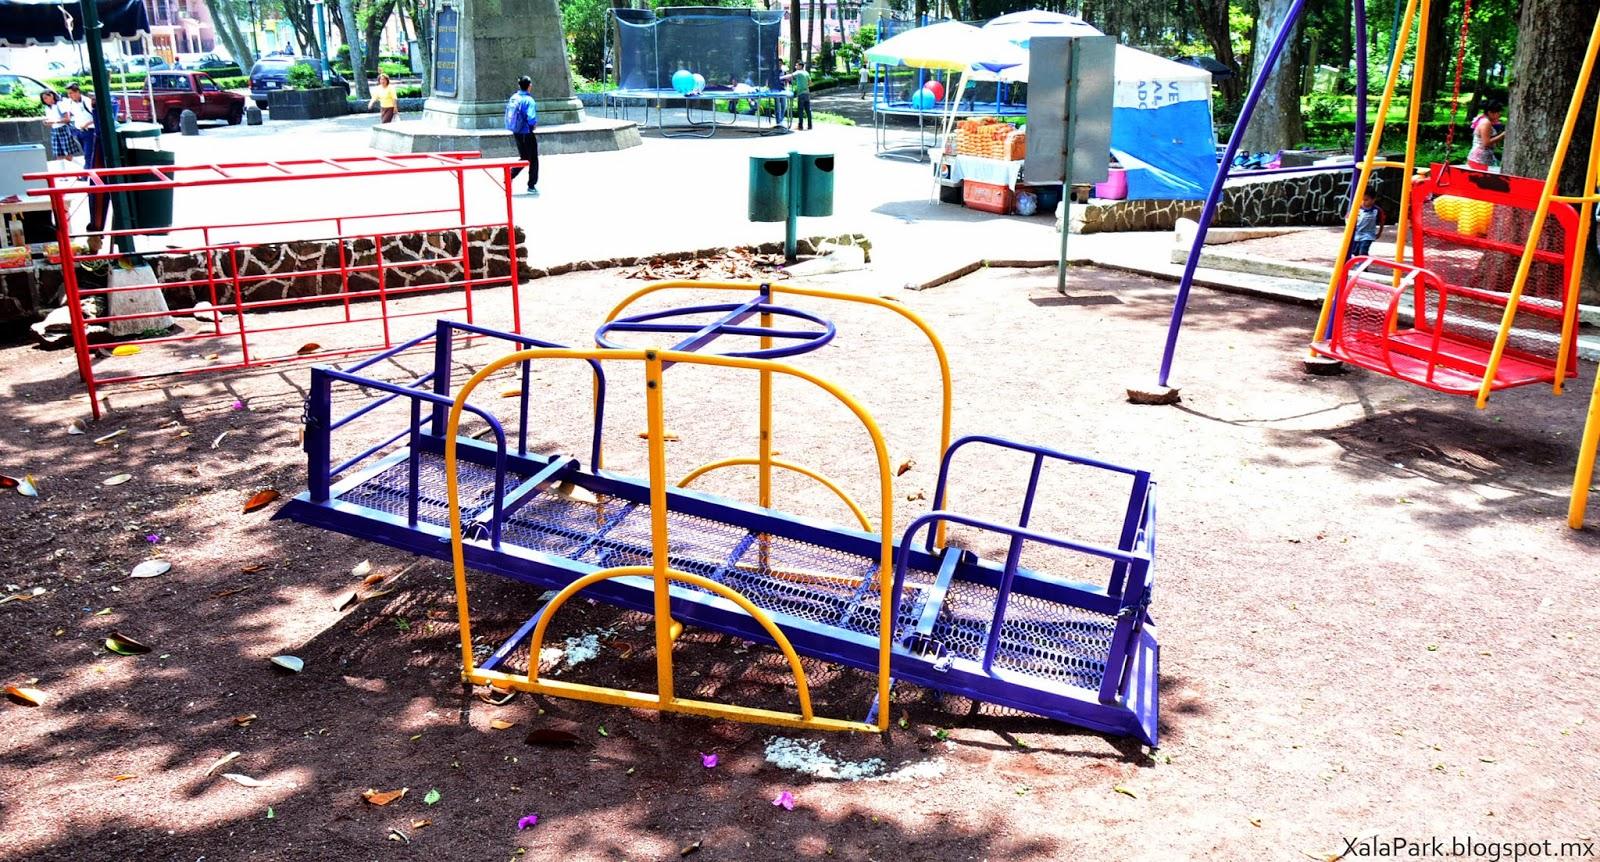 Juegos Infantiles Para Ninos Con Discapacidad Parque Los Berros